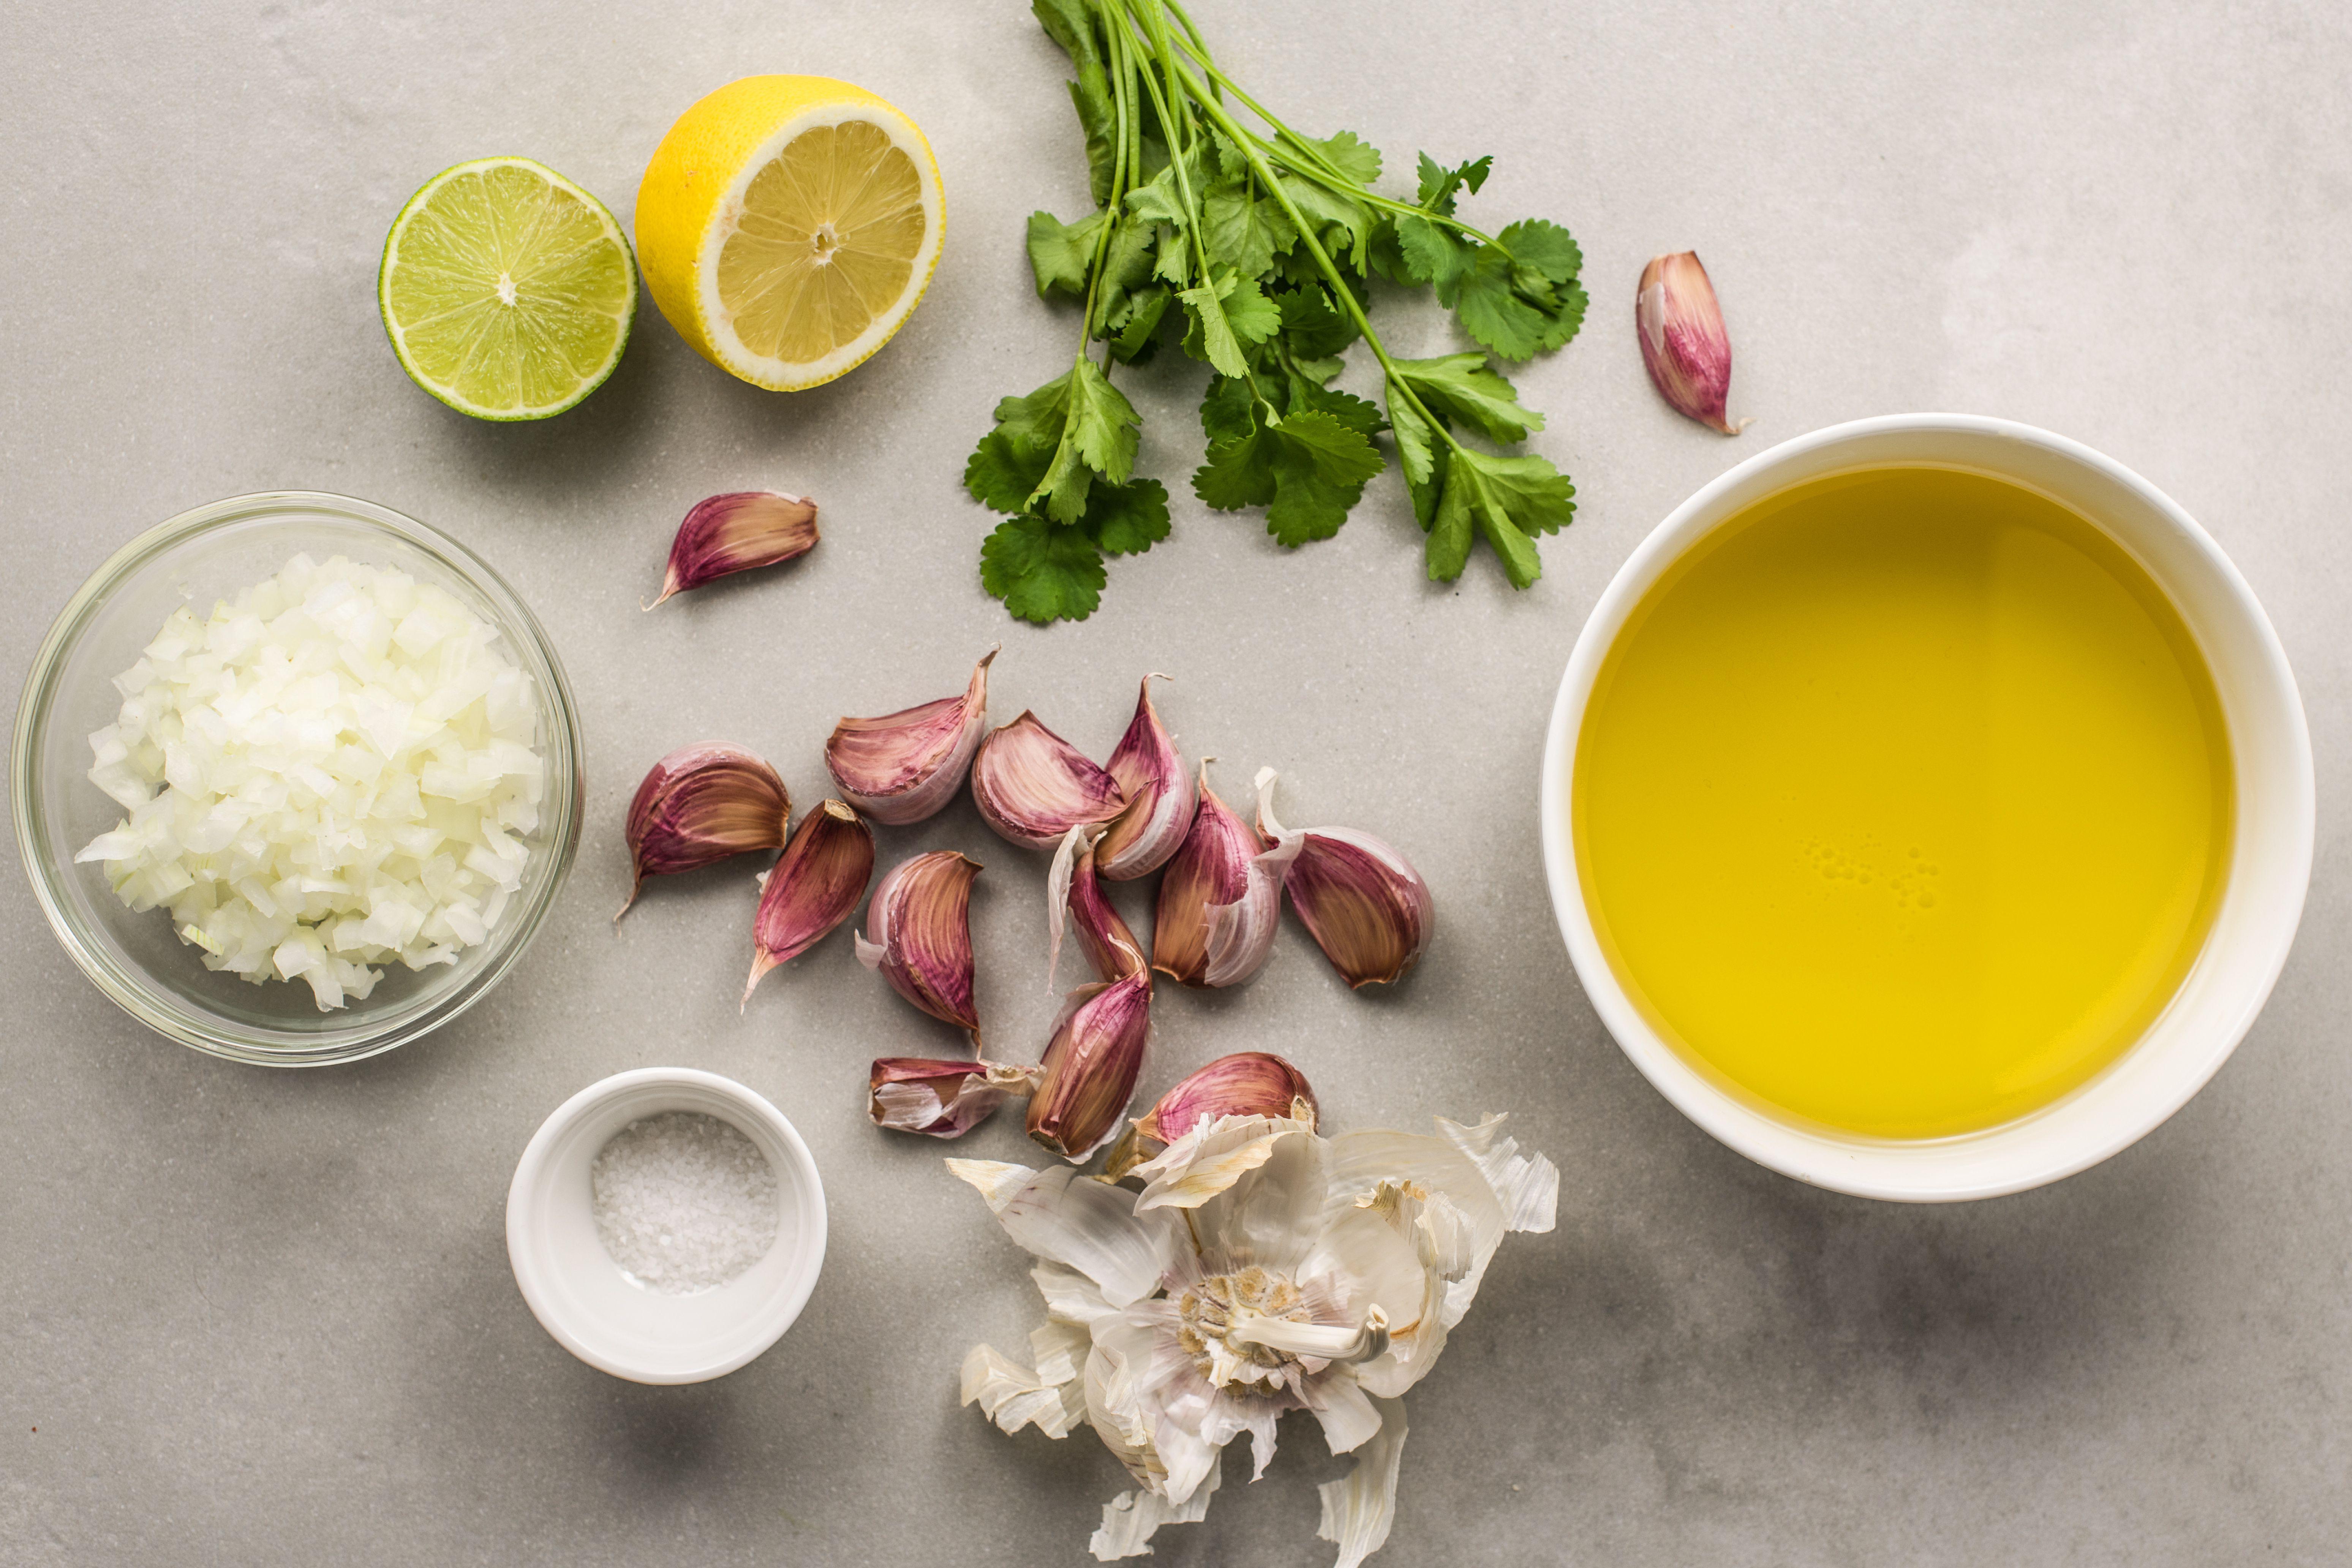 Ingredients for garlic sauce